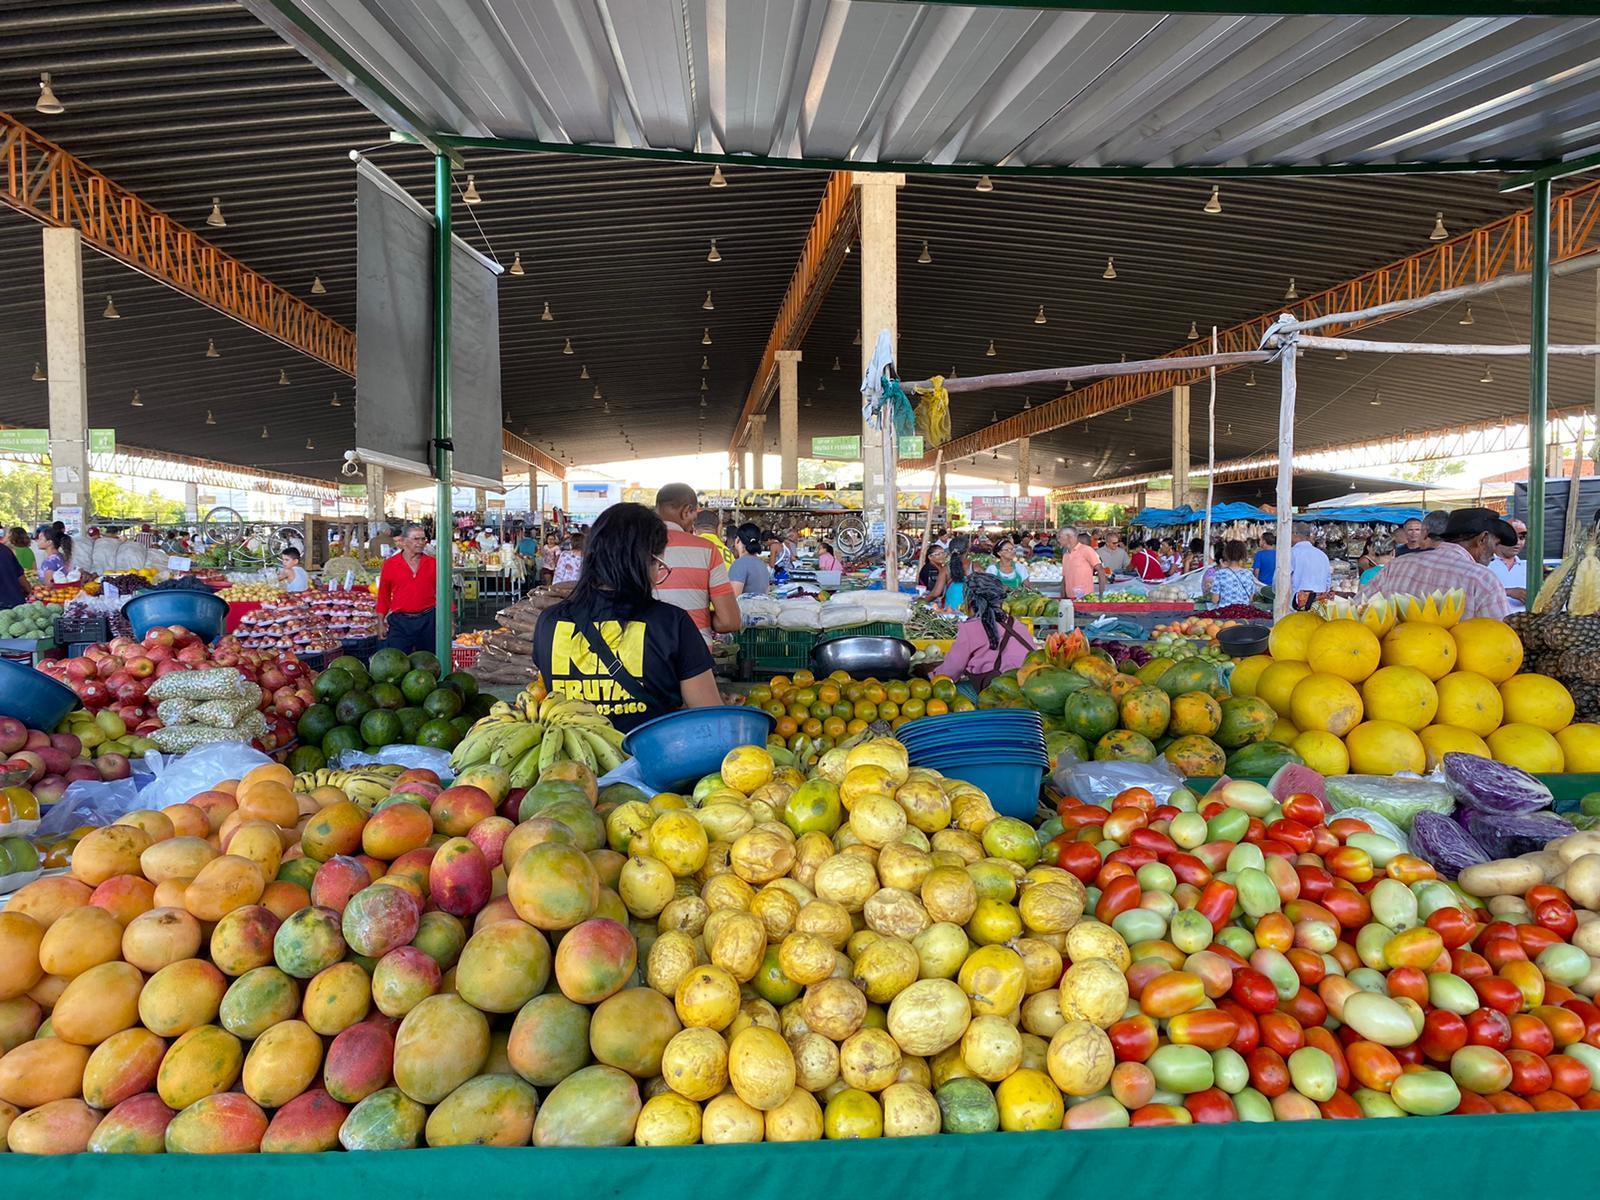 動画シリーズ◉002 #フルーツ 大国の大農場オーナー #QuemehKeitaBrasil ? 有名無名様々なブラジル人が語るケイタブラジルとは? #ブラジル #ポルトガル語 #ペトロリーナ 弁_b0032617_23092635.jpg